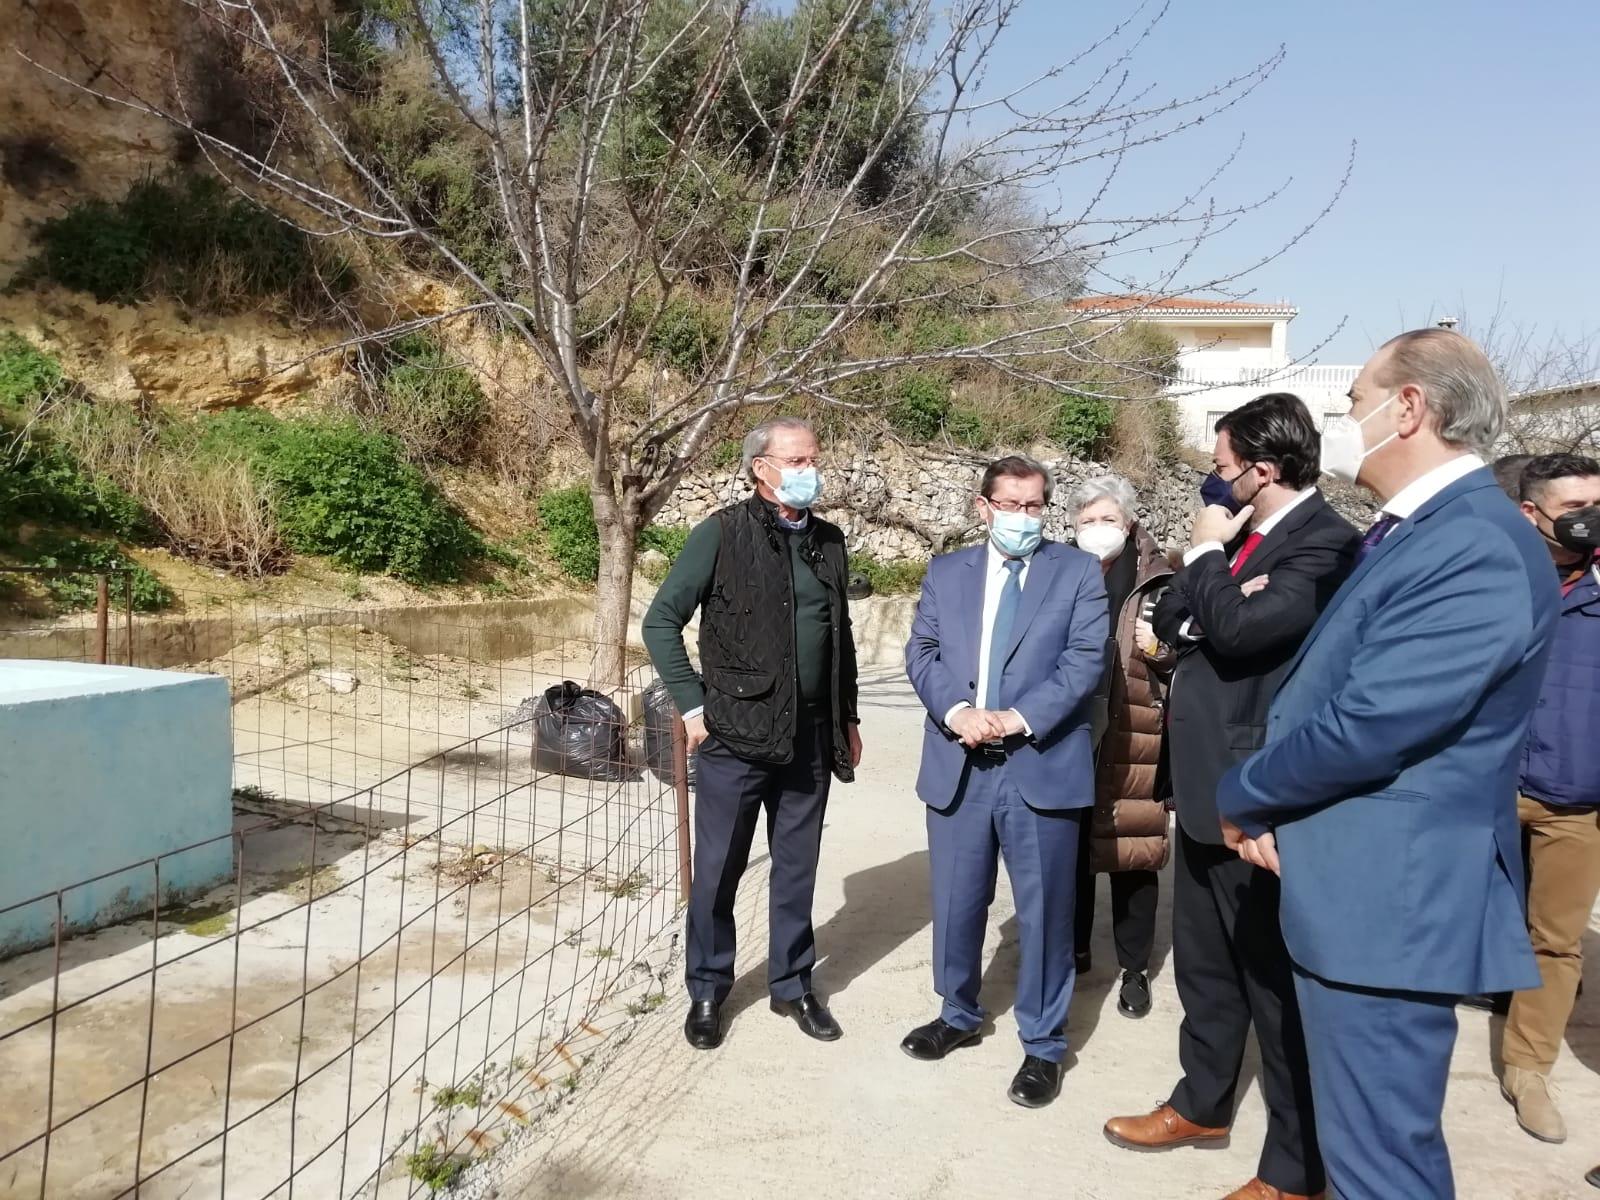 La Junta destinará ayudas de hasta 120.000 euros para municipios afectados por inundaciones